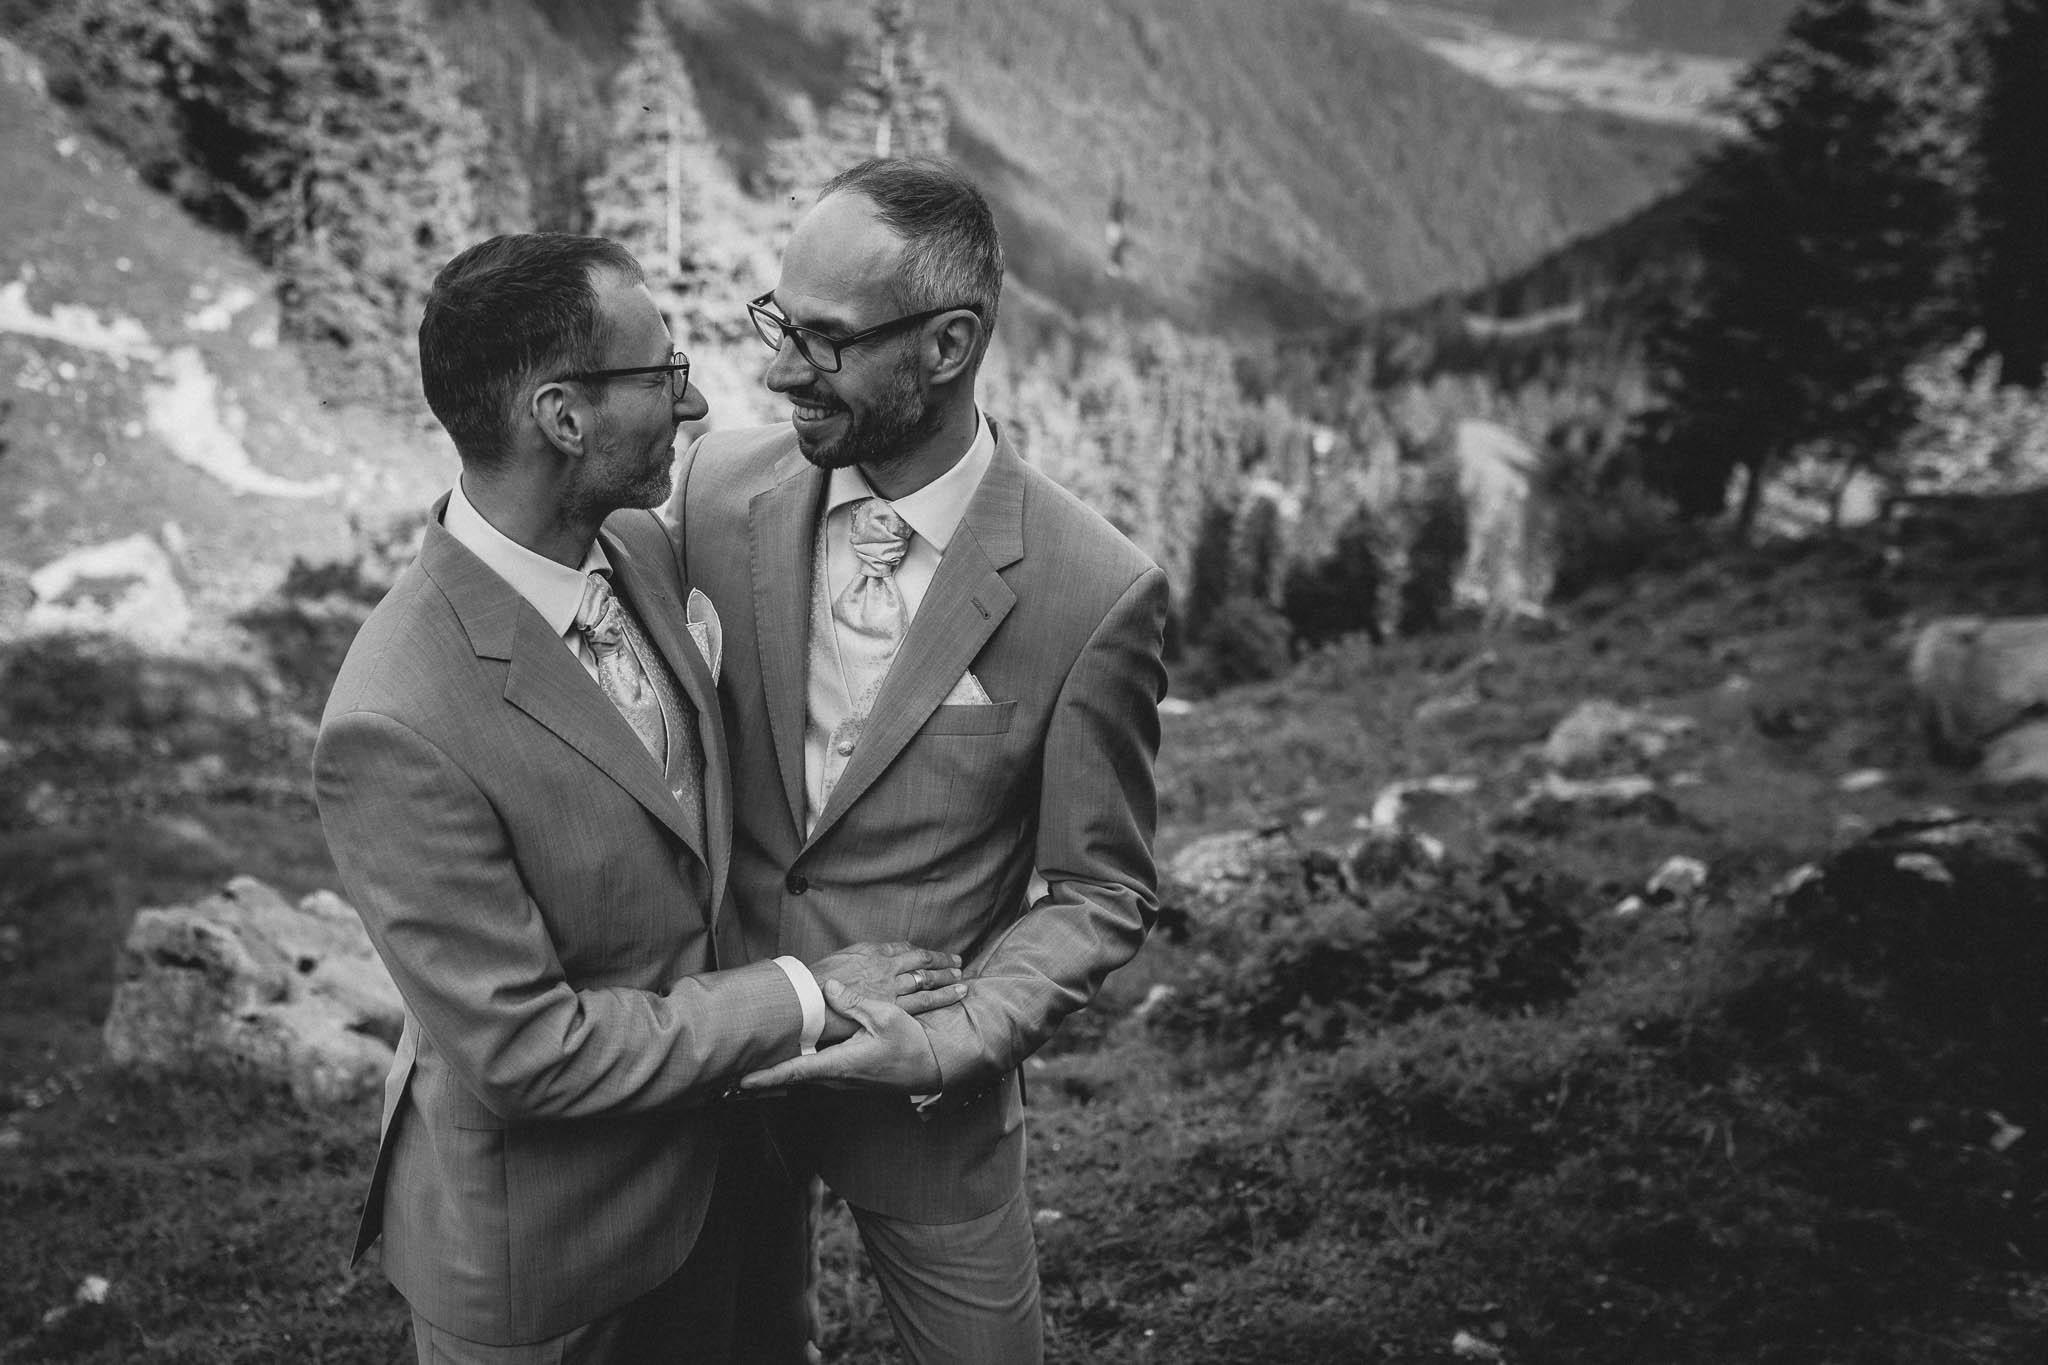 Hochzeitsfotograf Alpen, Chiemgau: freie Trauung von Dennis & Dirk 64